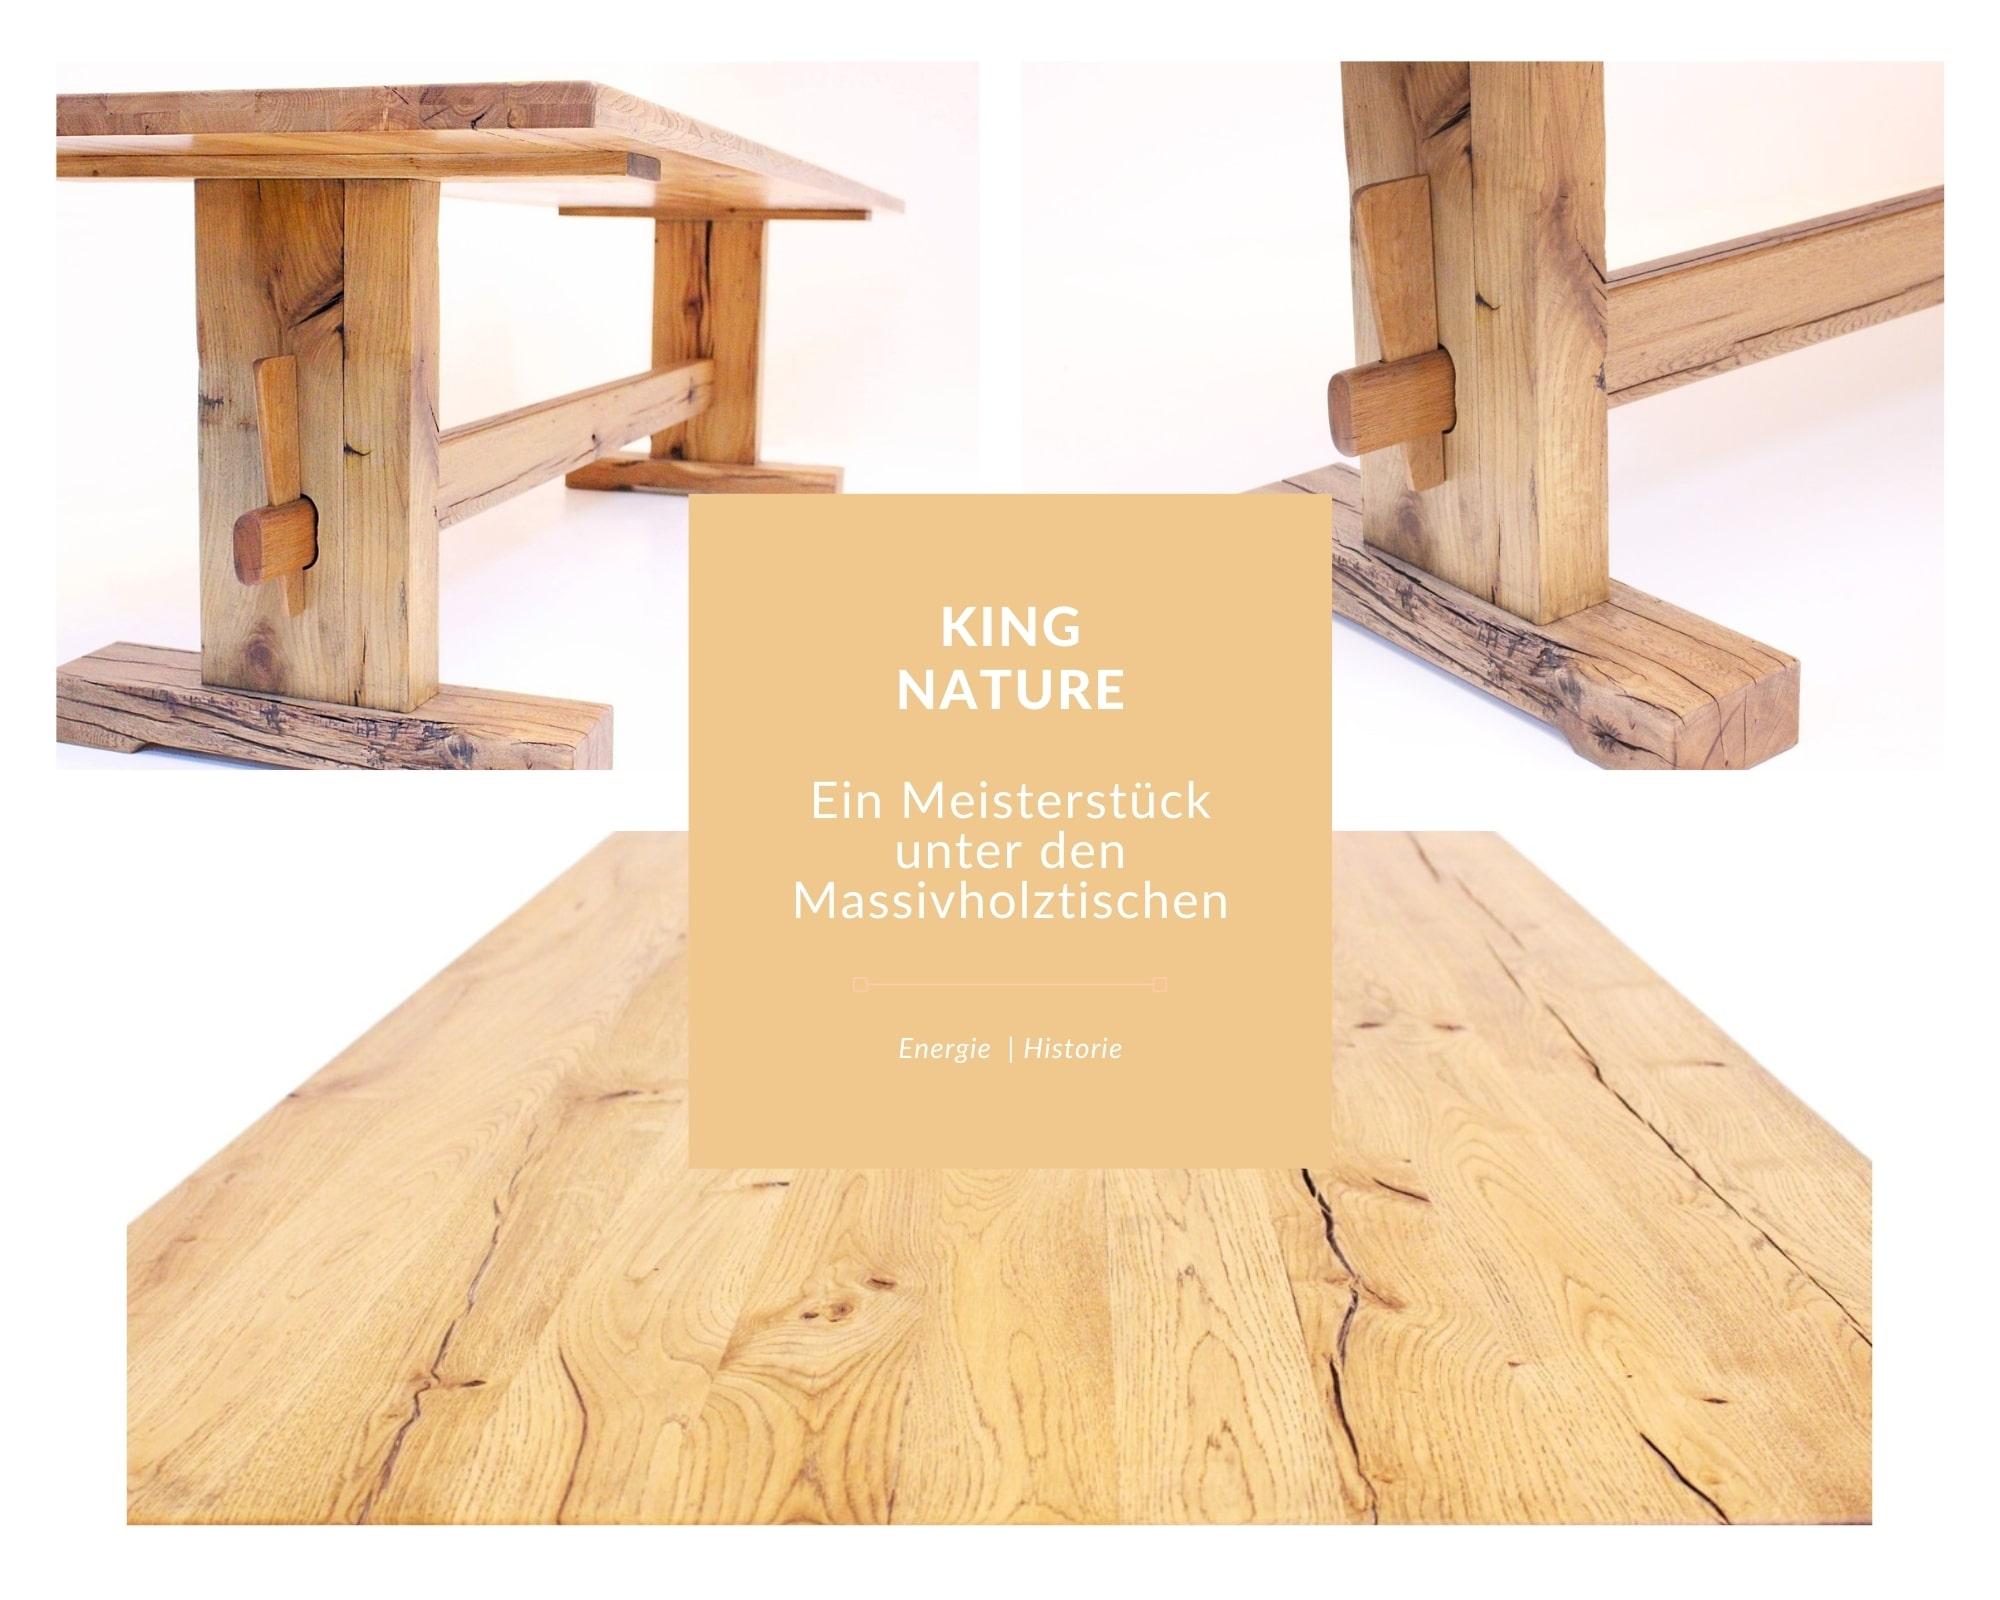 esstisch aus massivholz-naturholz-king-meisterlich